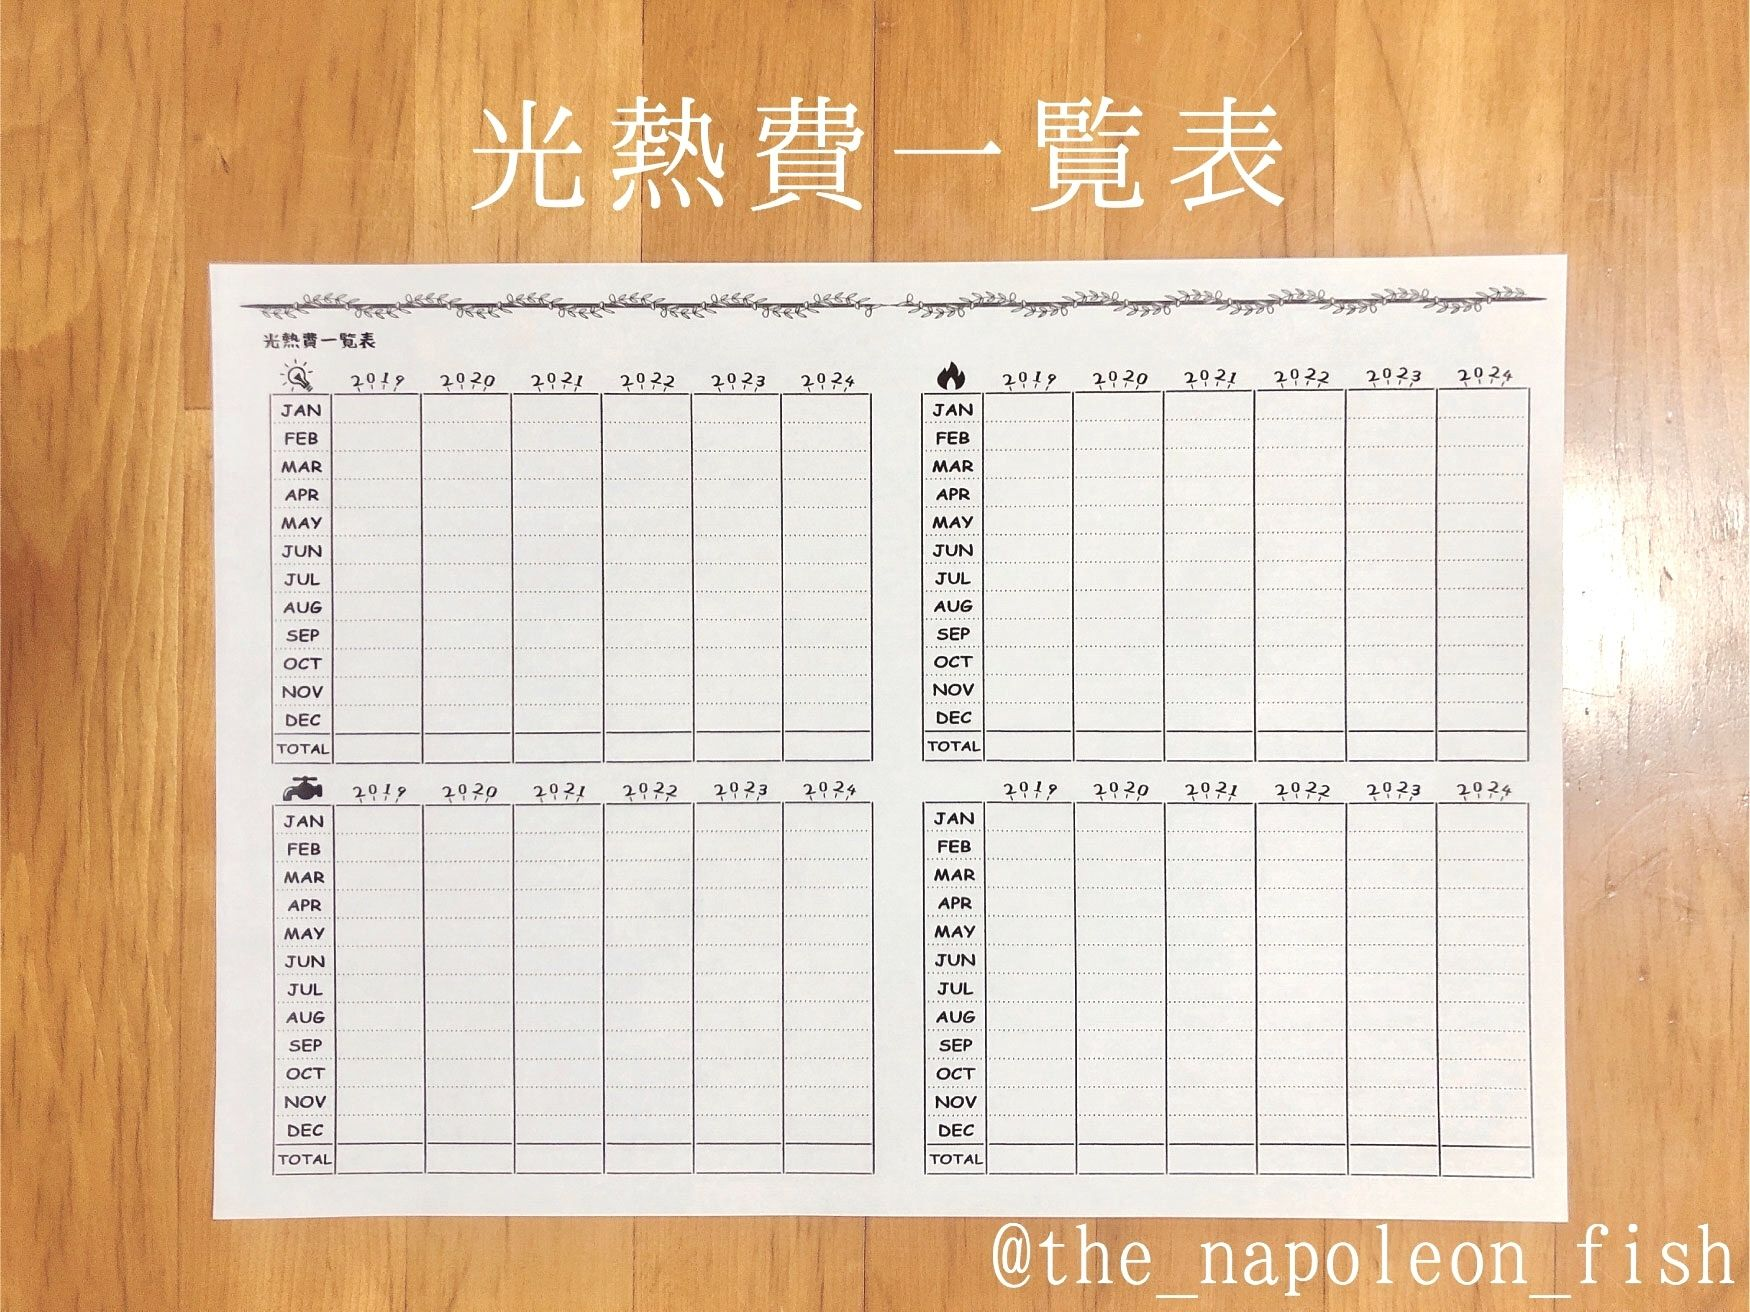 光熱費一覧表 やまおときょすの手描き家計簿 Powered By Base